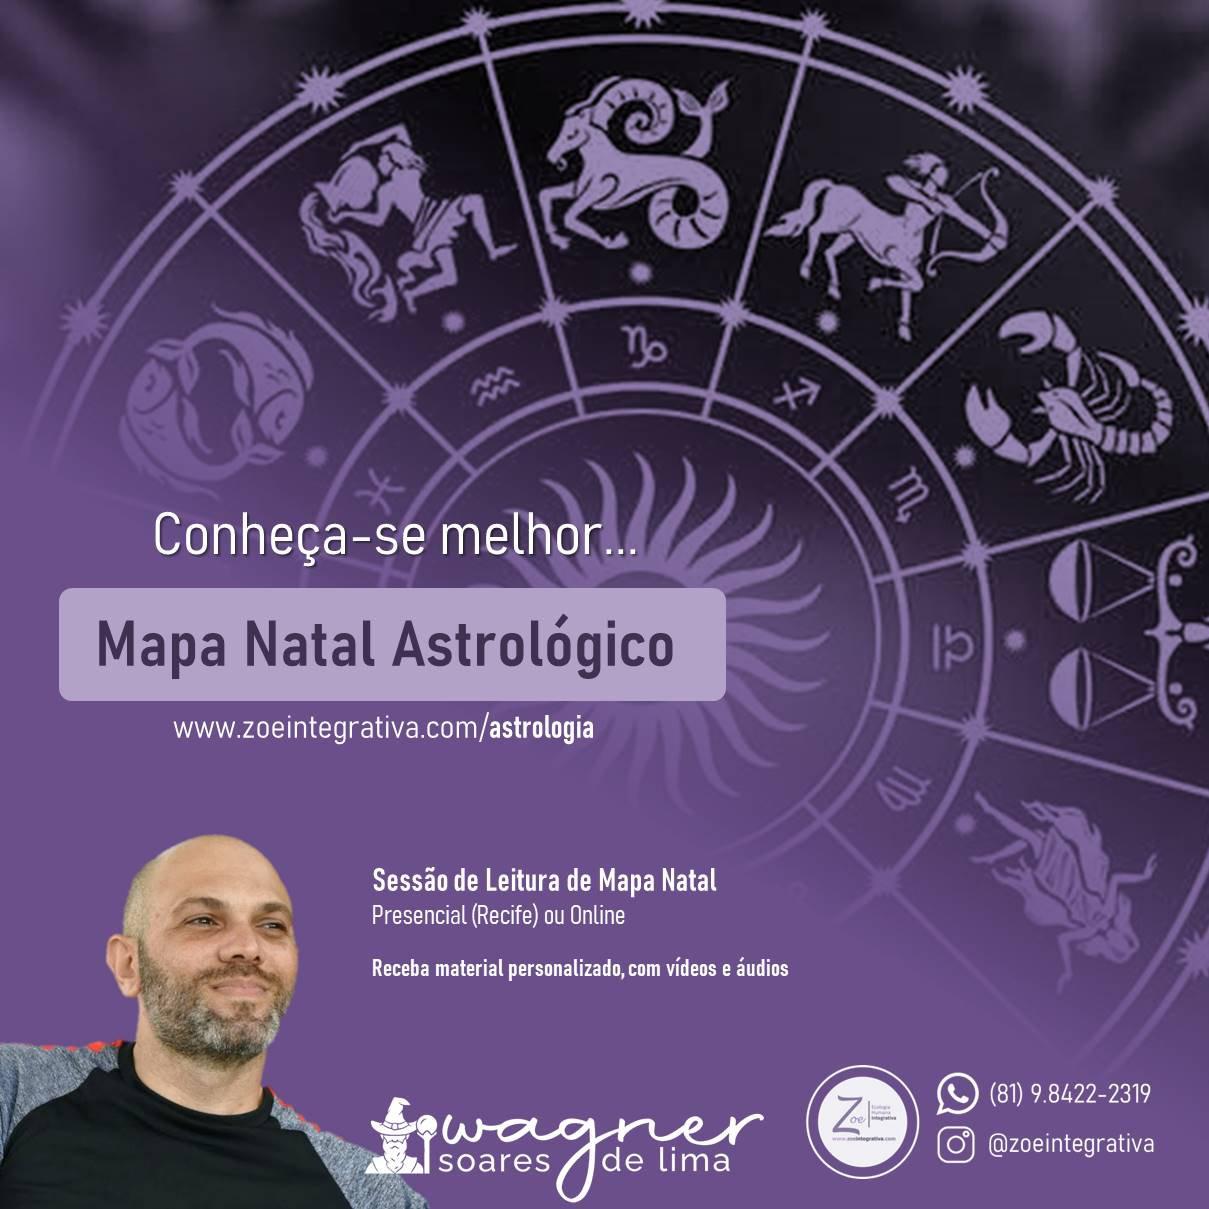 Mapa Natal Astrológico